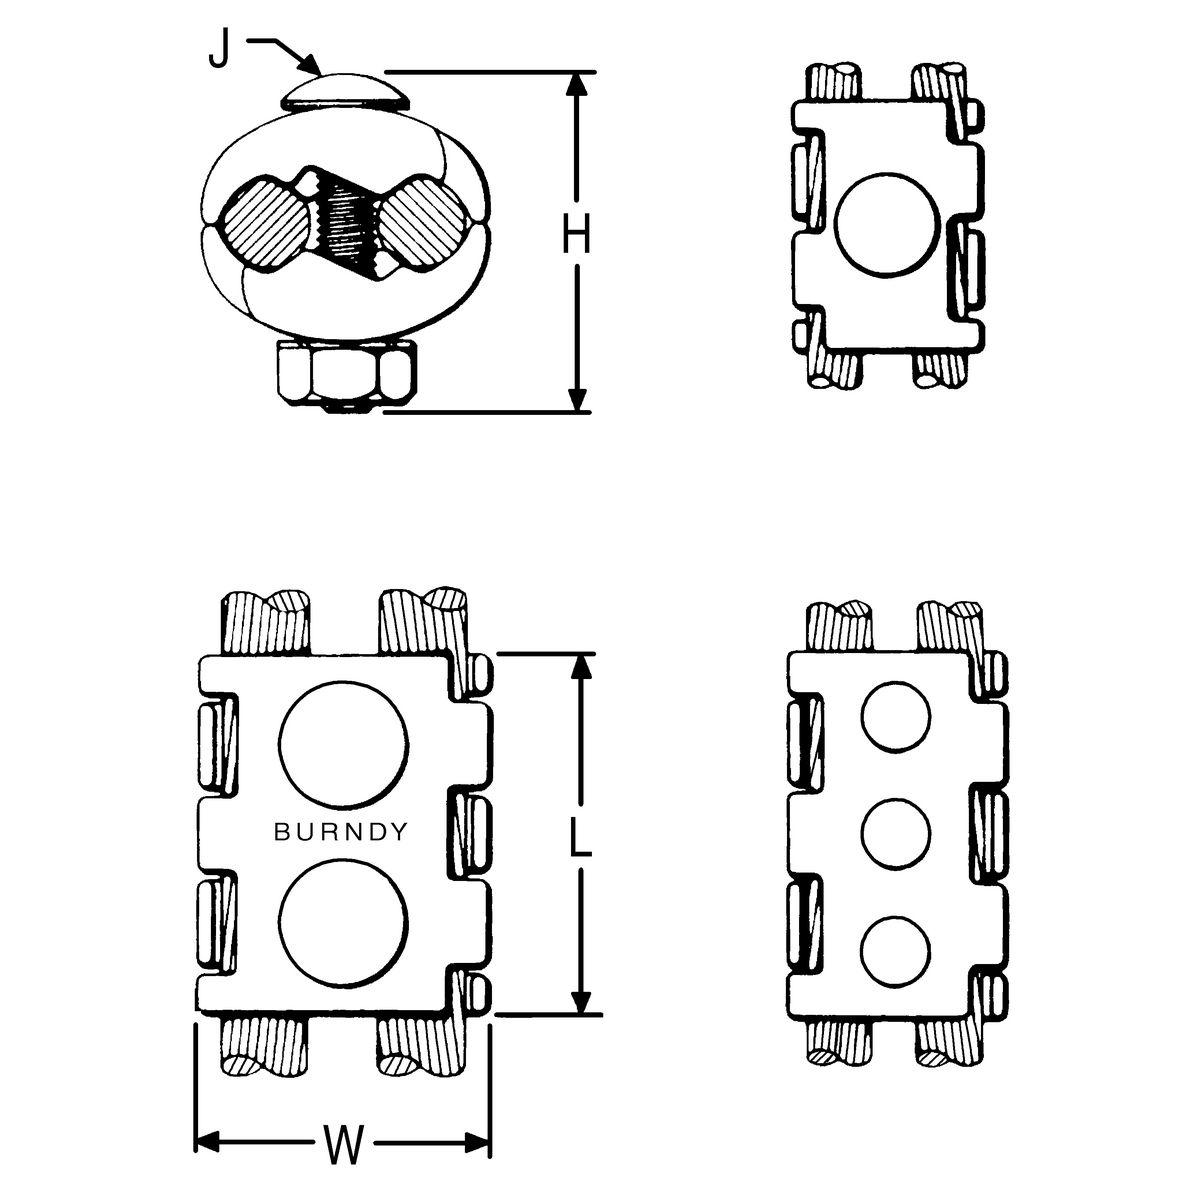 Burndy UC  Index C 12 Ton U Style Hydraulic Compression Tool Die